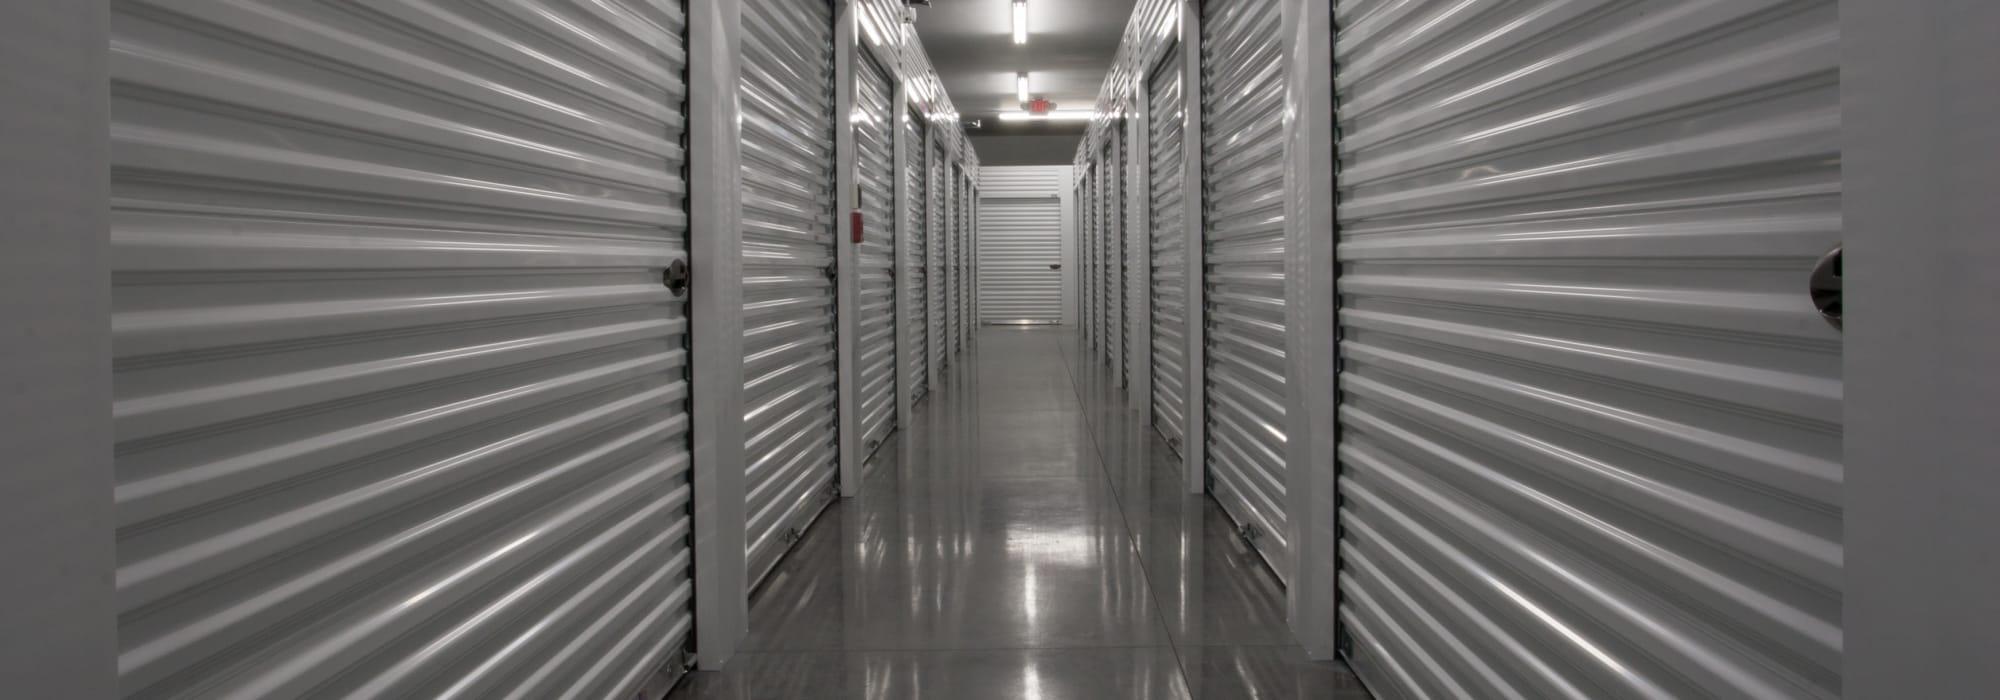 Self storage in Summerdale AL